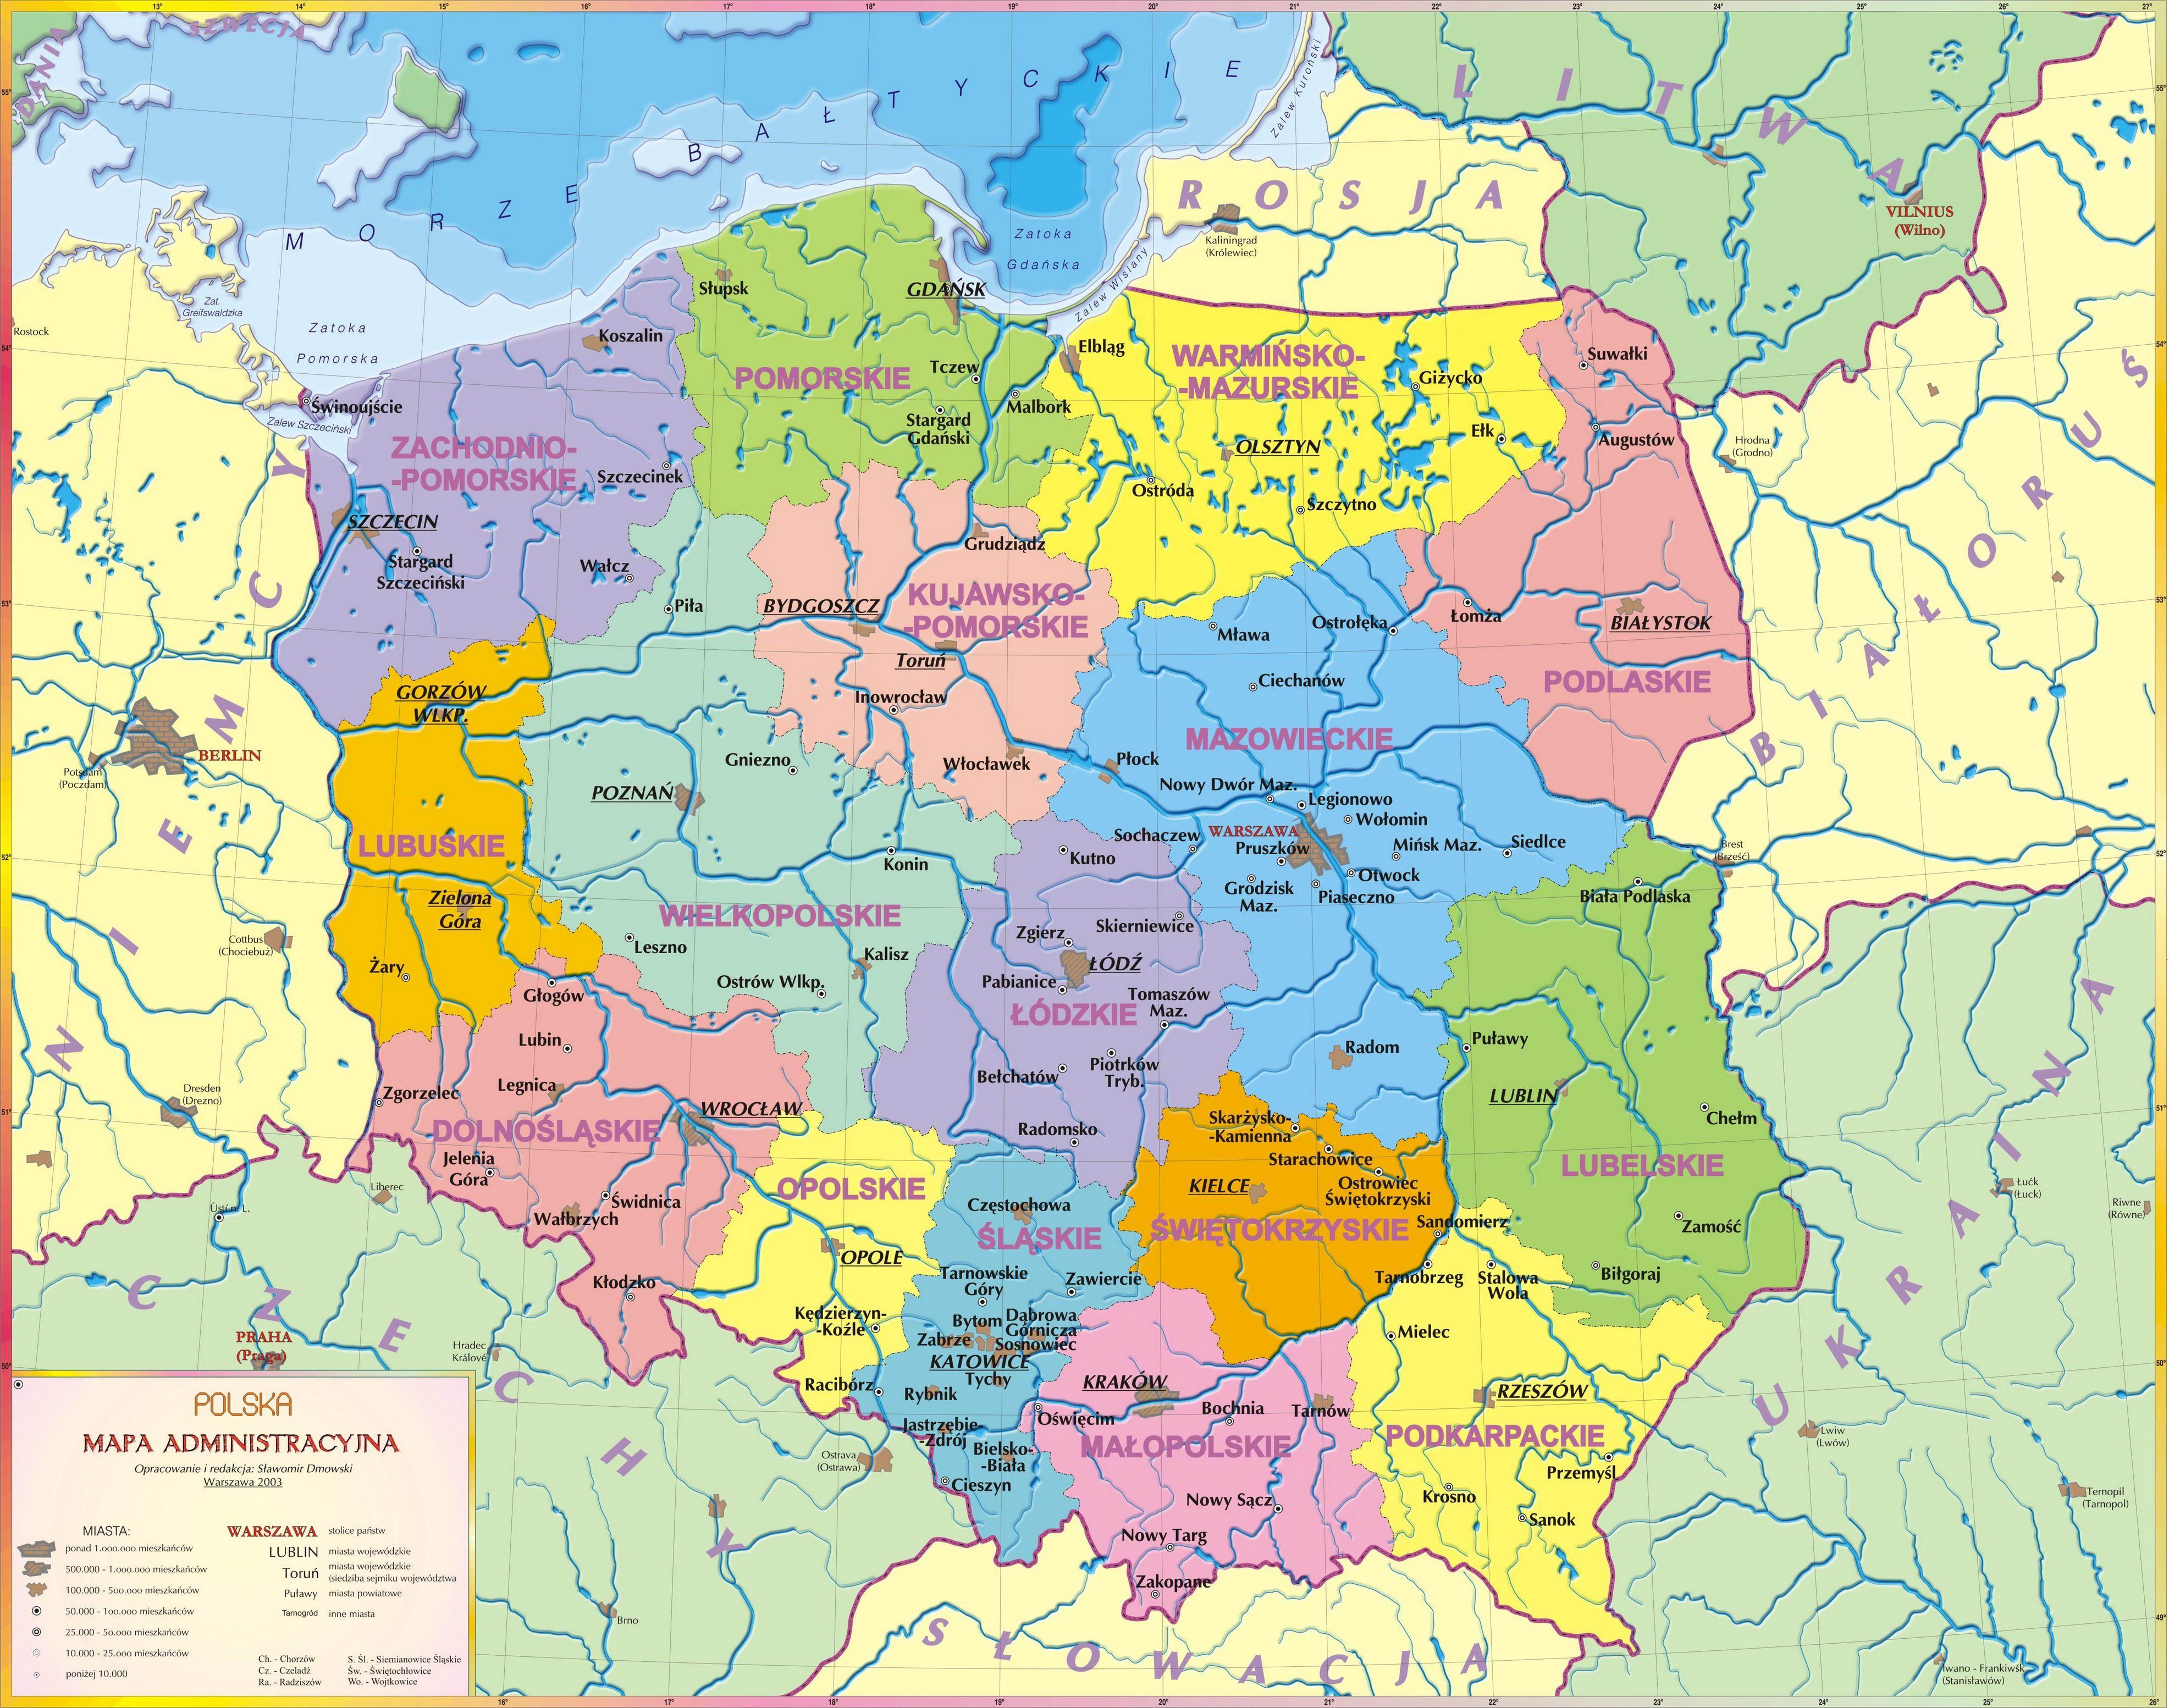 Mapa Administracyjna Polski Wojewodztwa I Ich Stolice Wazniejsze